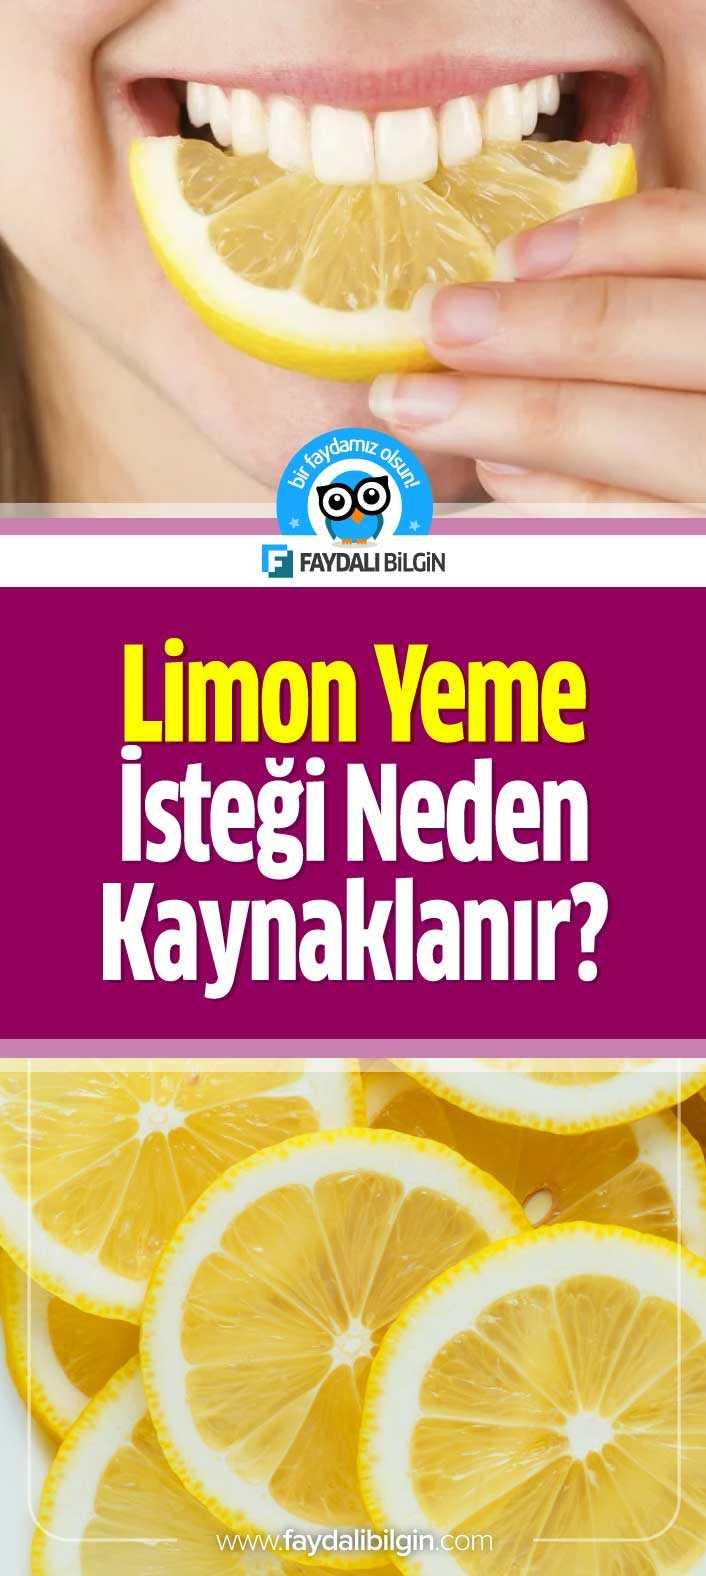 Limon Yeme İsteği Neden Kaynaklanır?